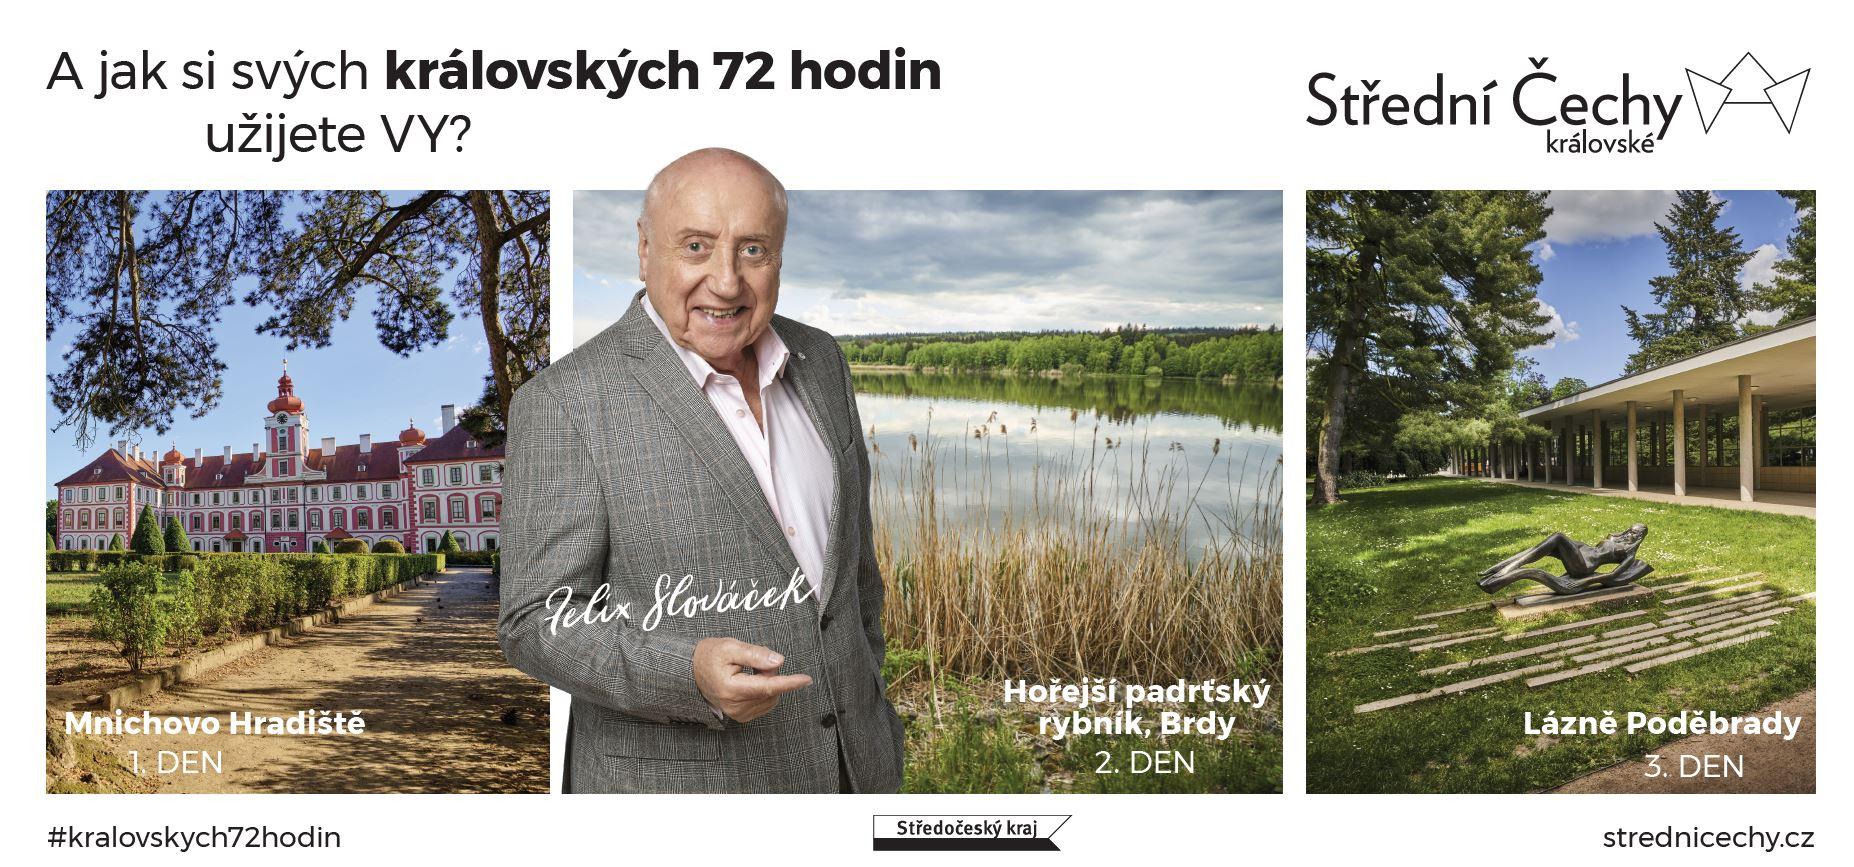 Felix Slováček v kampani Střední Čechy královské